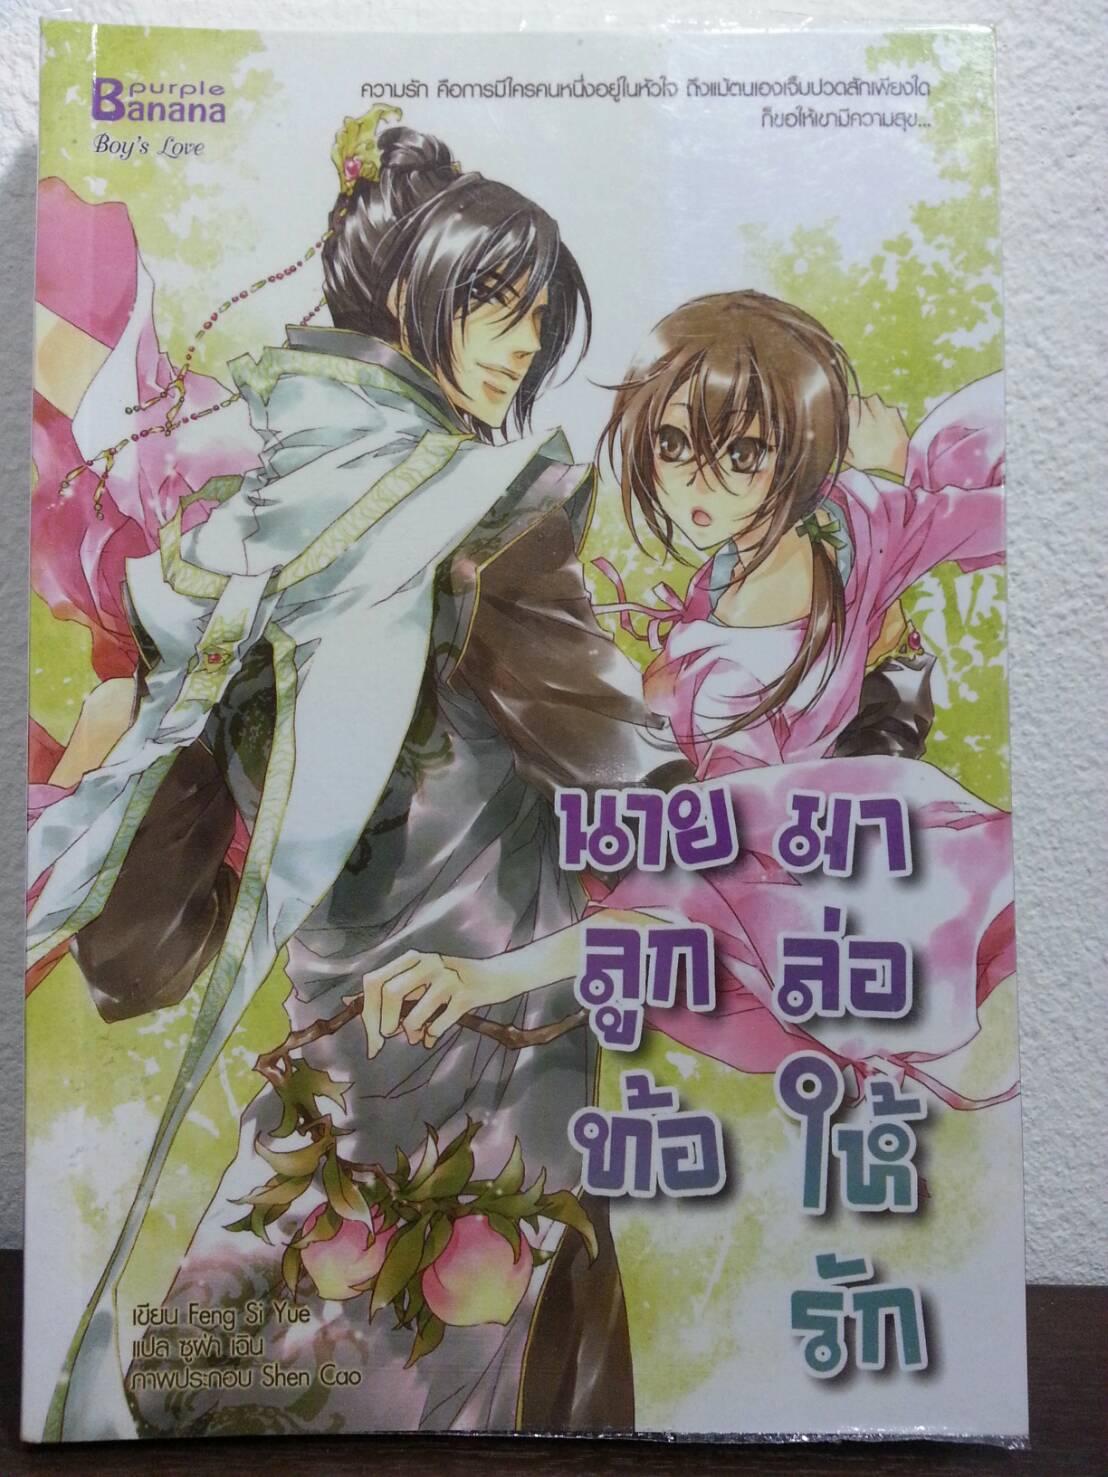 นายลูกท้อมาล่อให้รัก By Feng Si Yue มัดจำ 100 ค่าเช่า 20b.